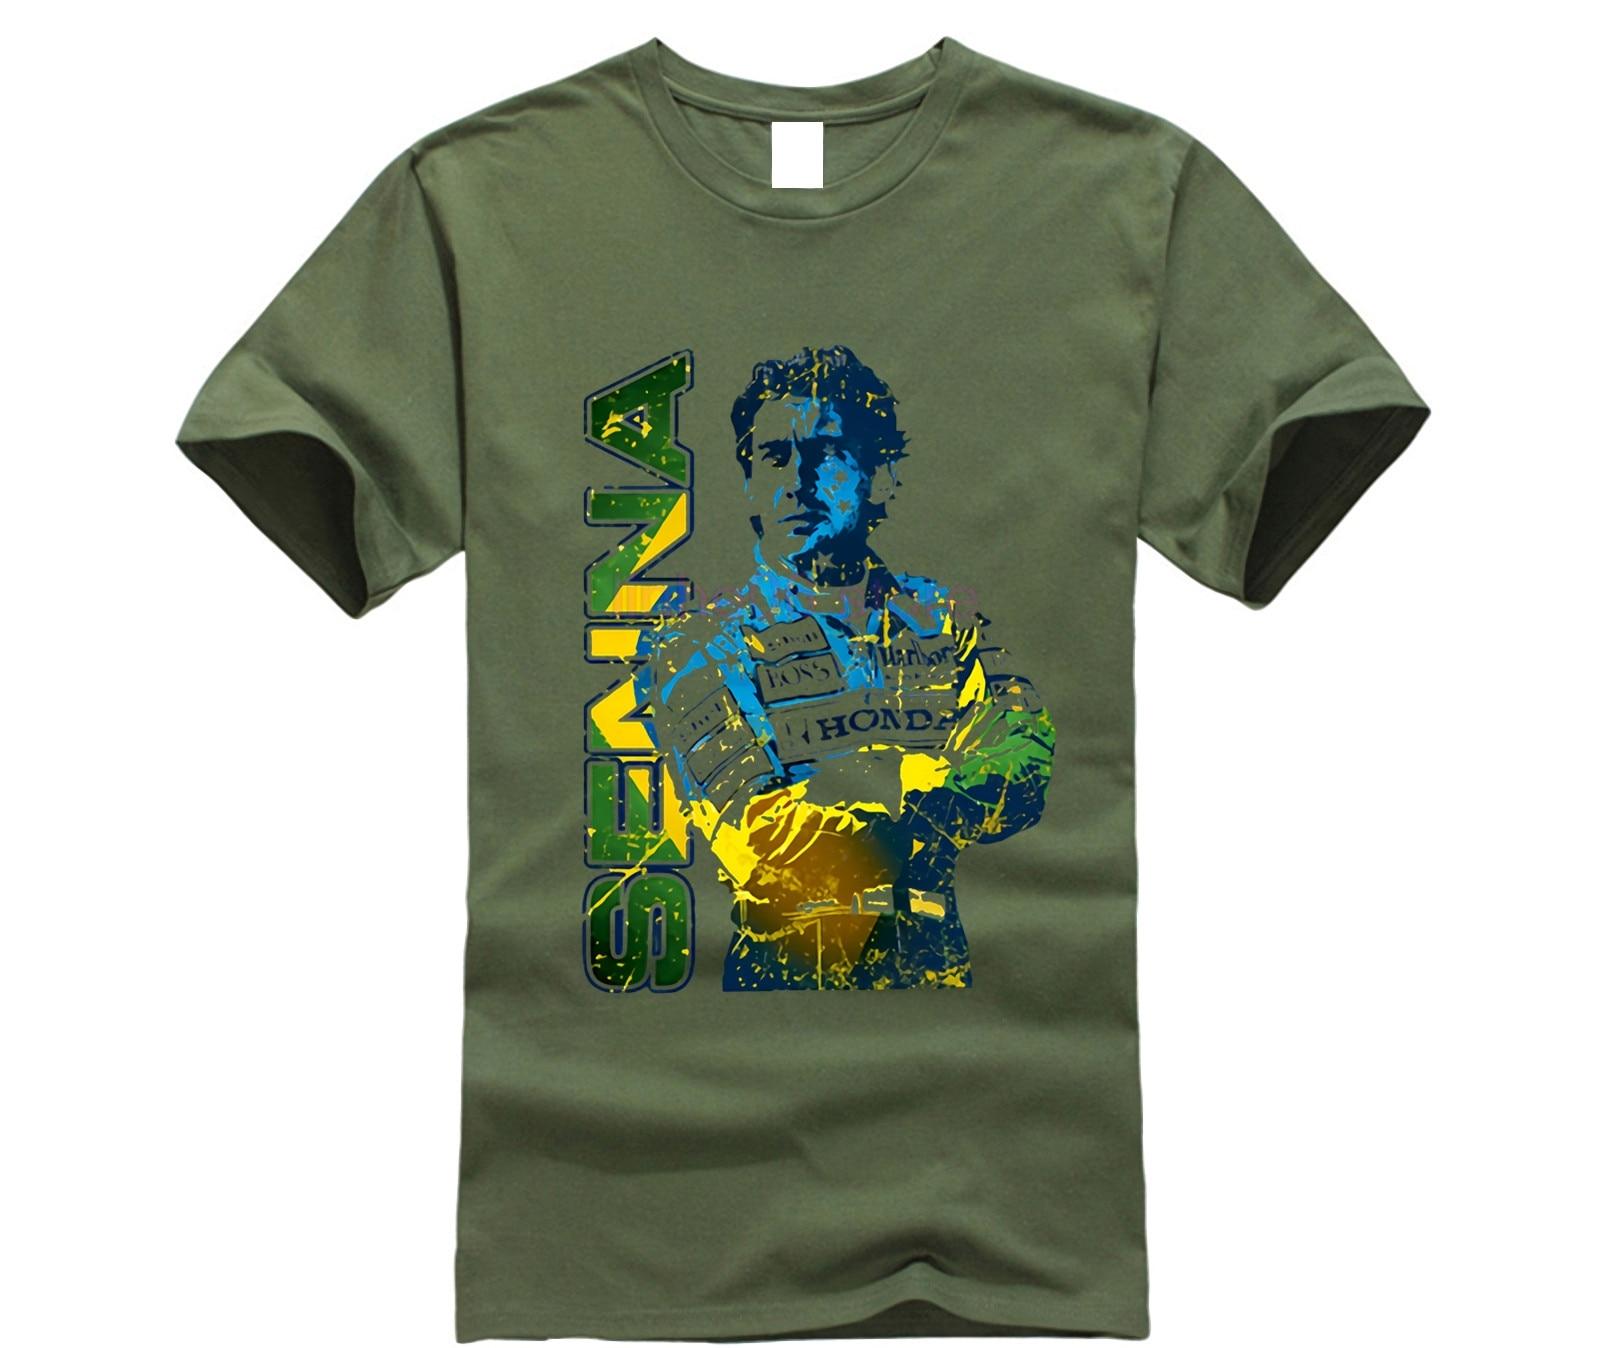 gildan-new-retro-unique-design-men's-t-shirt-car-fans-tops-cool-tees-my-favorite-driver-ayrton-font-b-senna-b-font